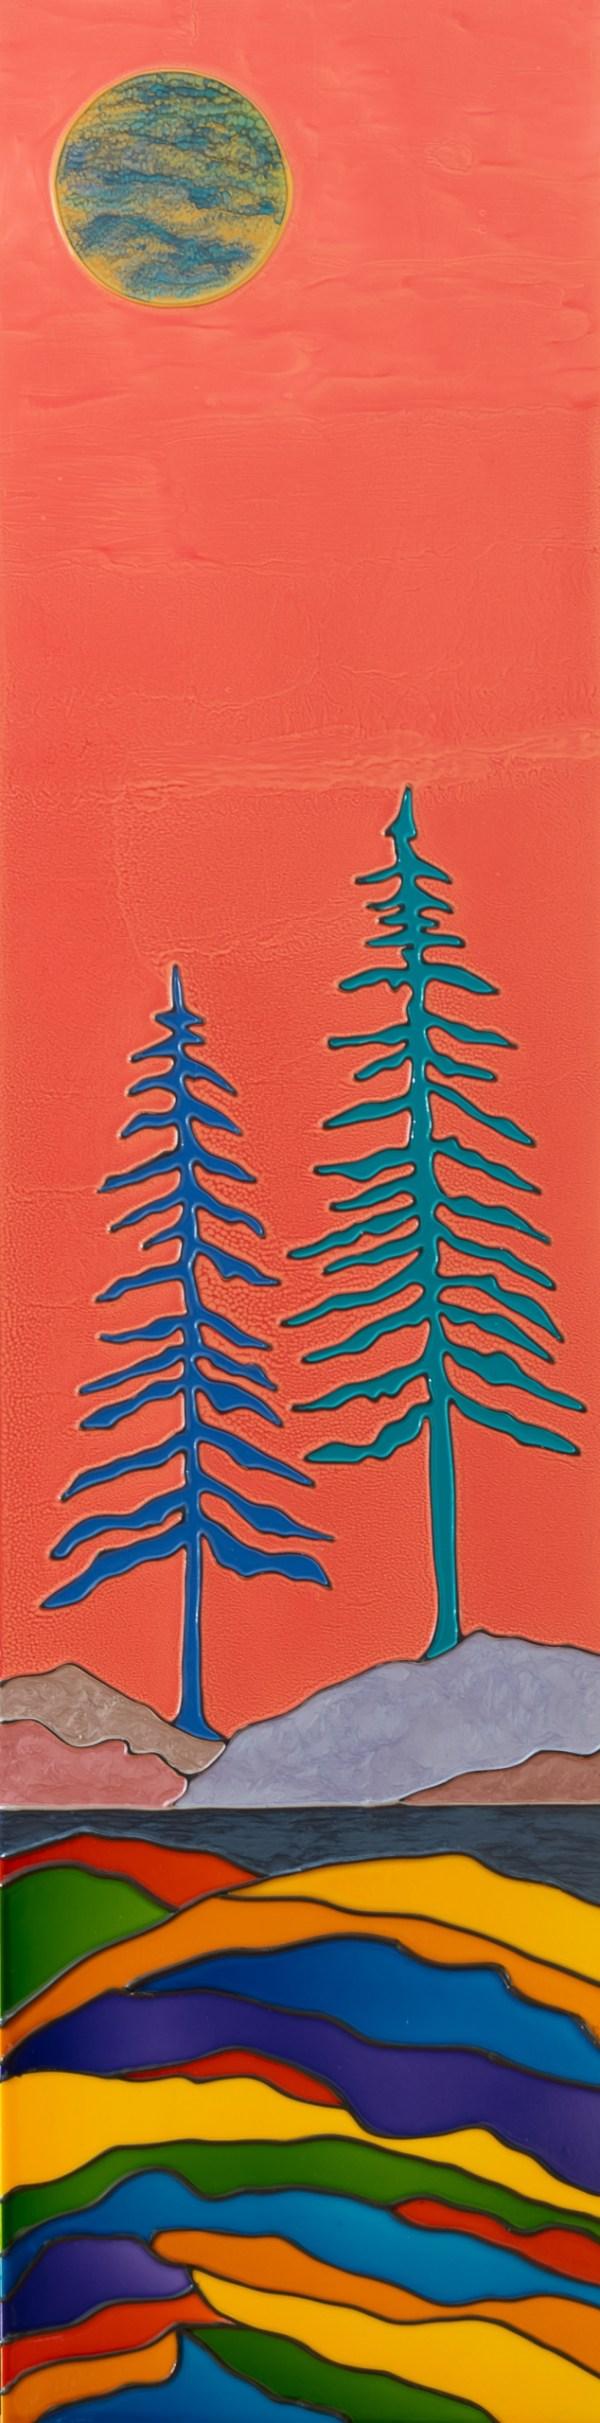 Colorist Tree No.5 - Arbre coloriste No.5